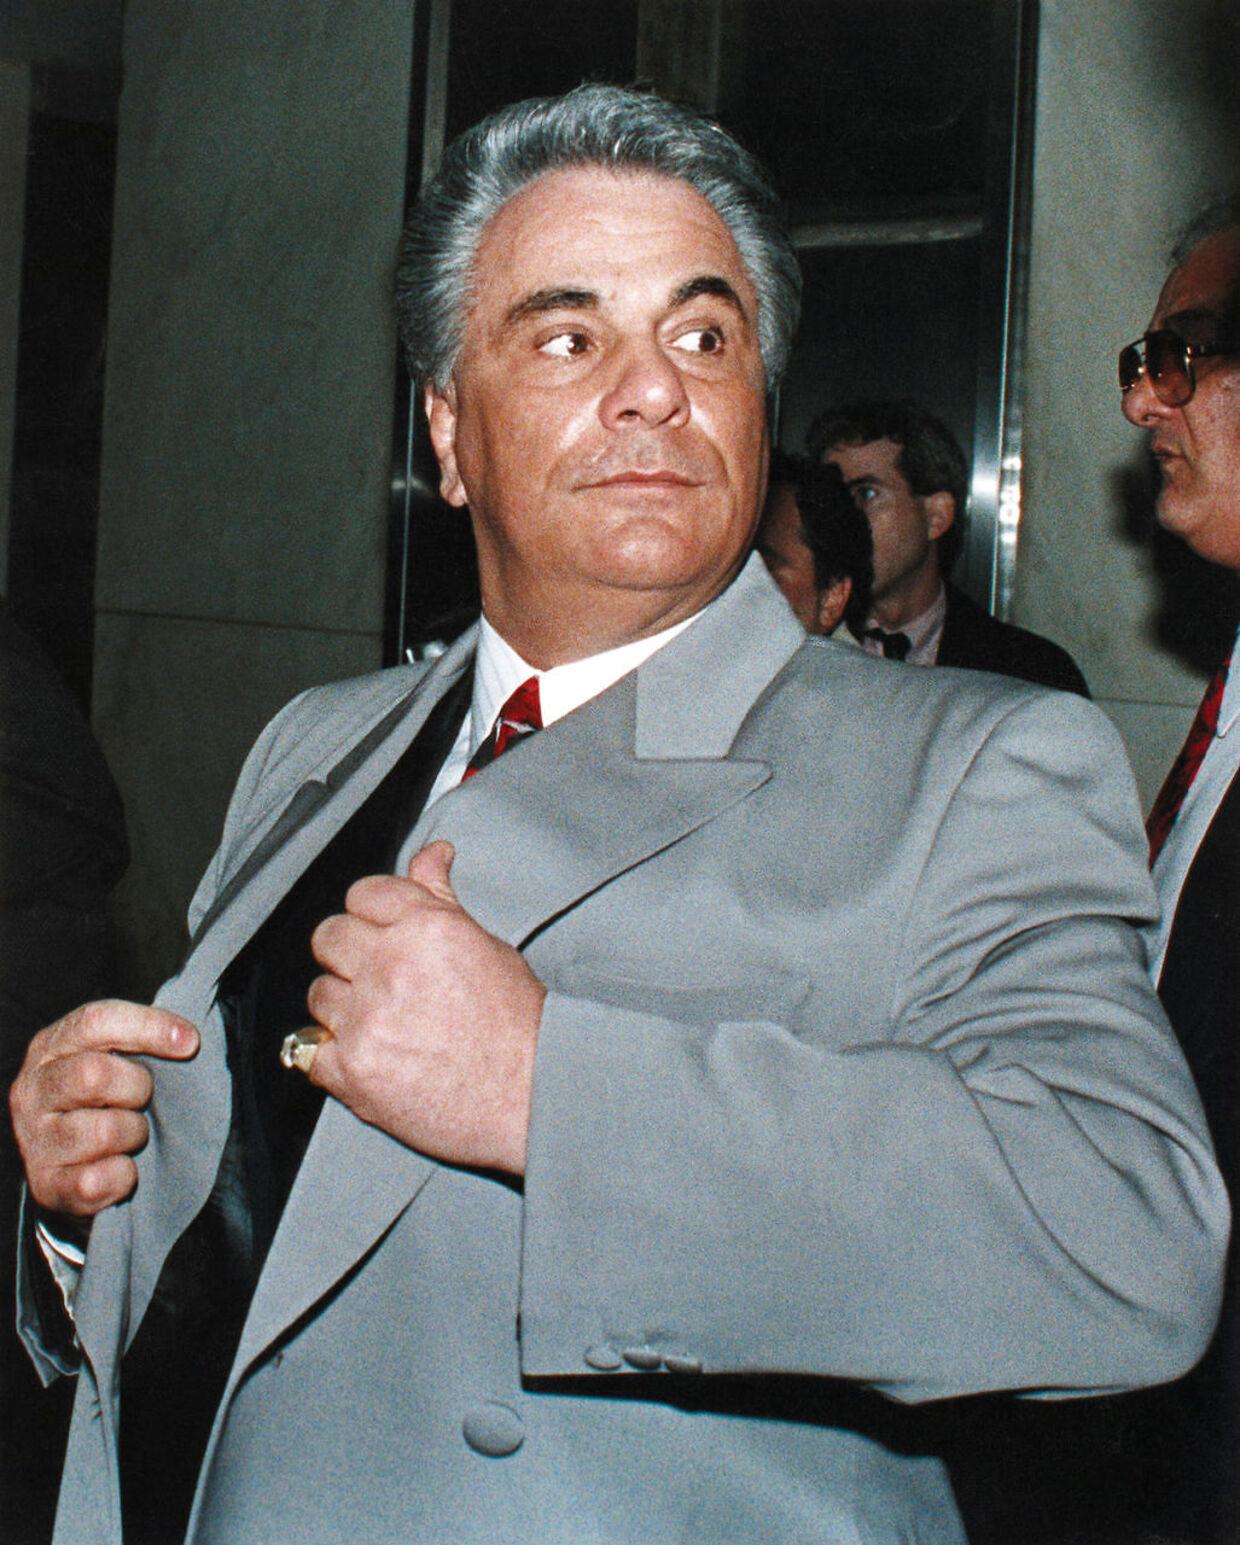 John Gotti, tidligere leder af Gambino-familien, beordrede for 34 drabet på Paul Castellano, lederen af Gambino-familien, så han selv kunne komme til tops. Nu er hans bror, Gene Gambino, under lup i kølvandet på drabet på Francesco 'Franky Boy' Cali, den netop likviderede boss i Gambino-familien.